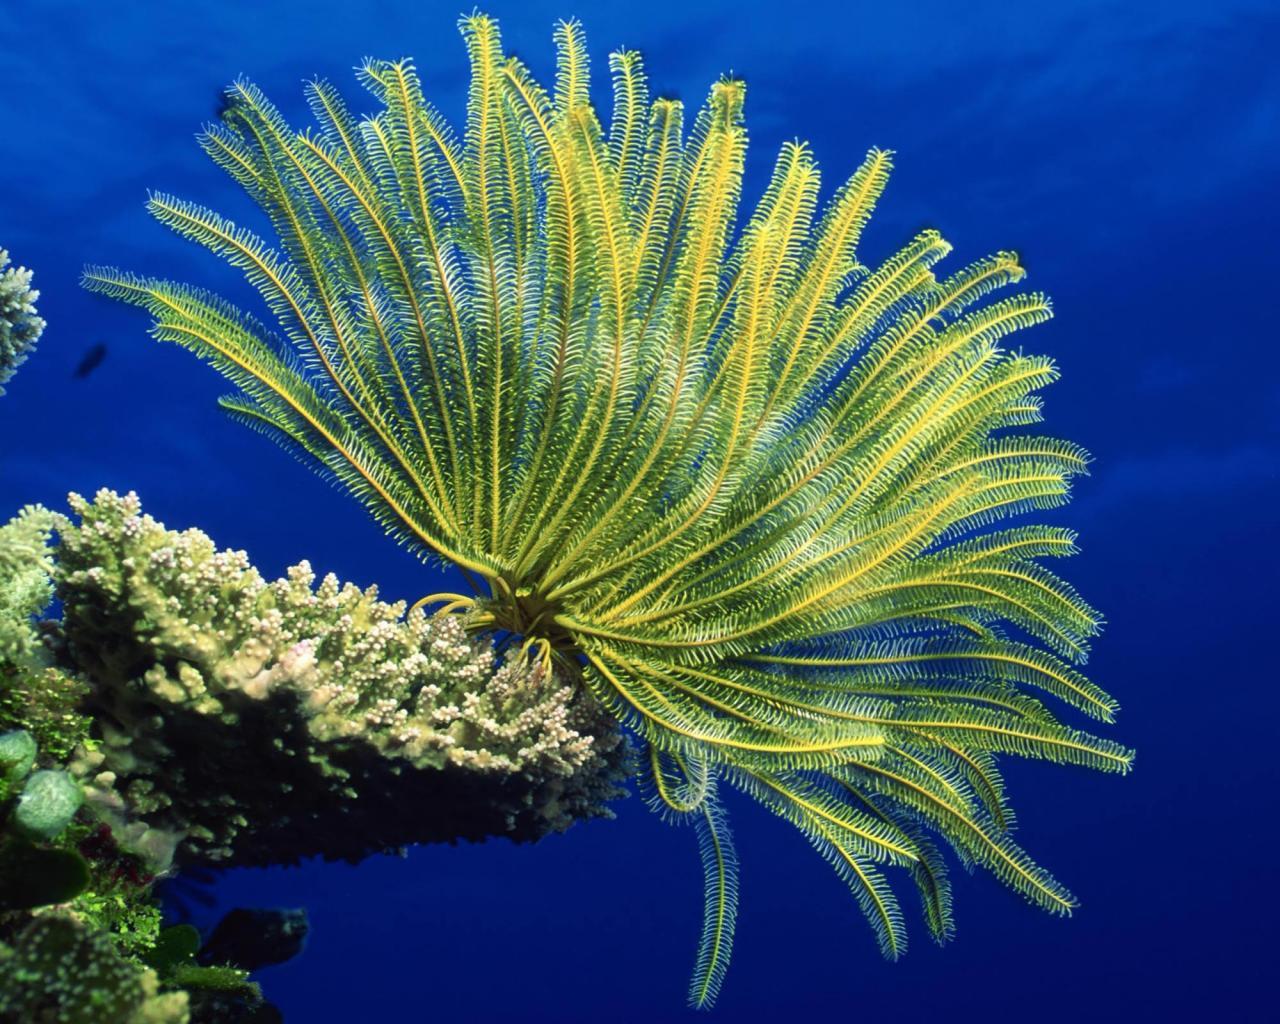 شقائق النعمان البحريه,معلومات عن شقائق البحر بالصور 13686049731.jpg